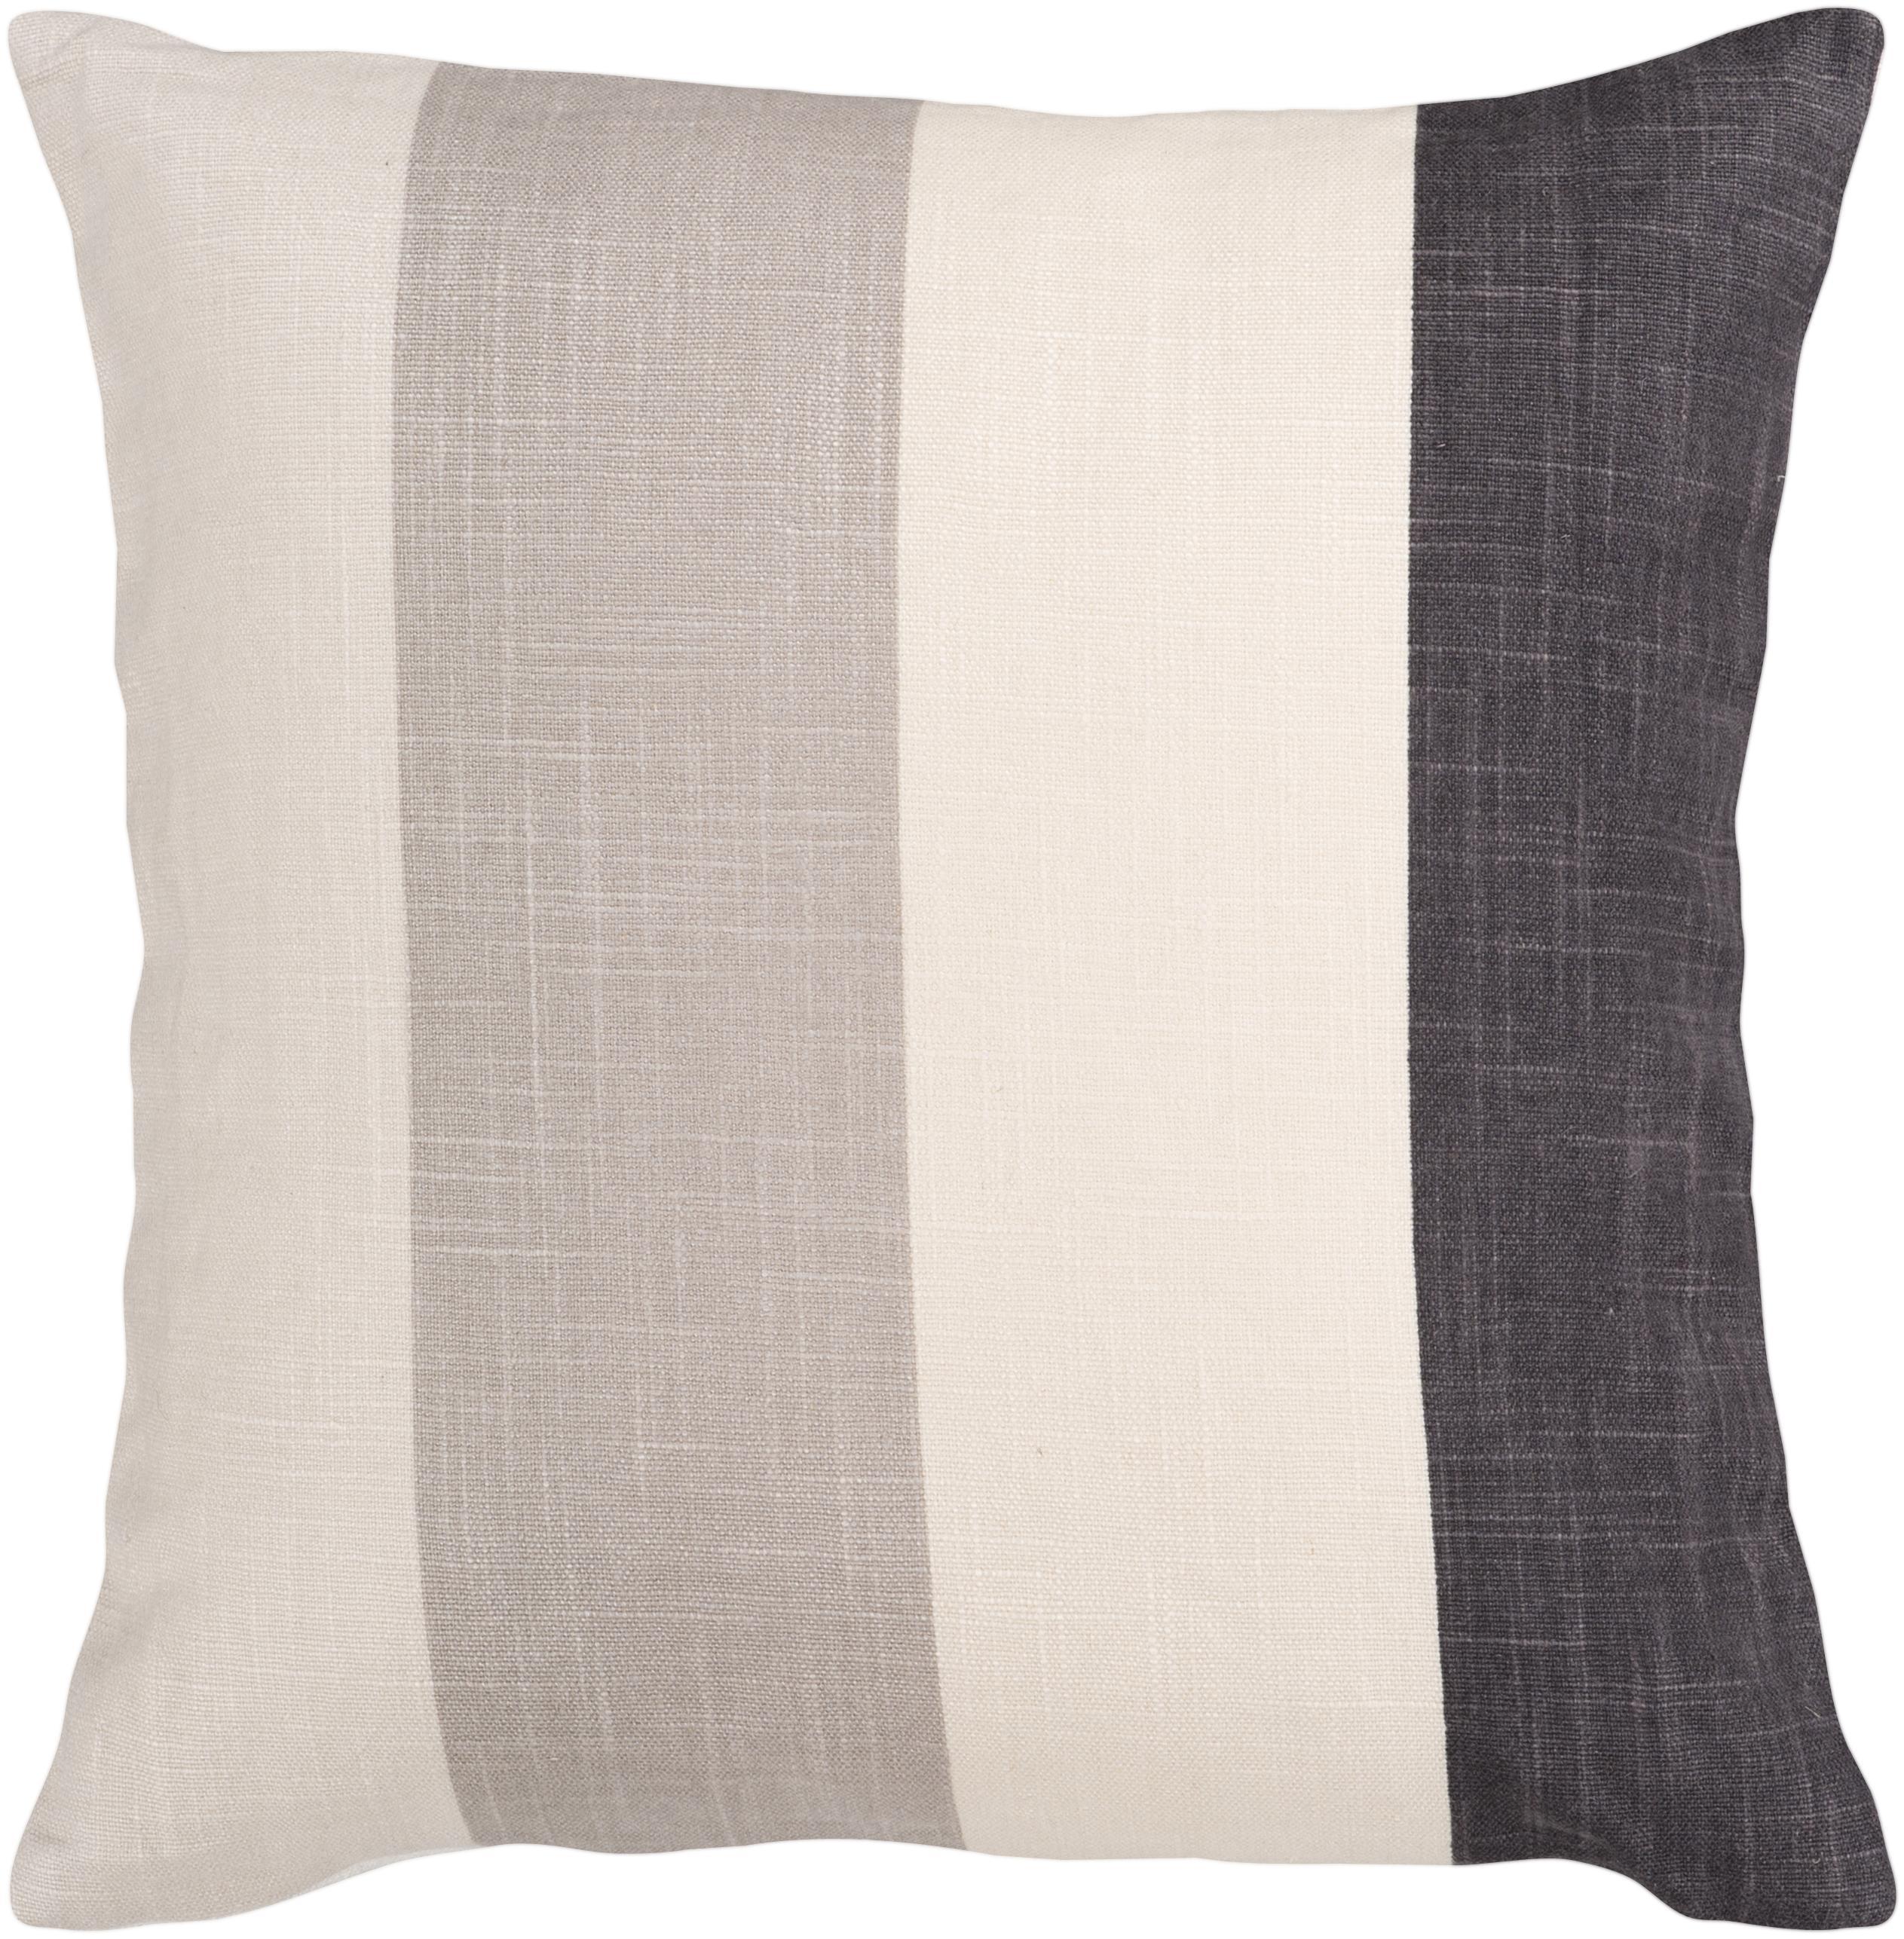 """Surya Rugs Pillows 22"""" x 22"""" Pillow - Item Number: JS011-2222P"""